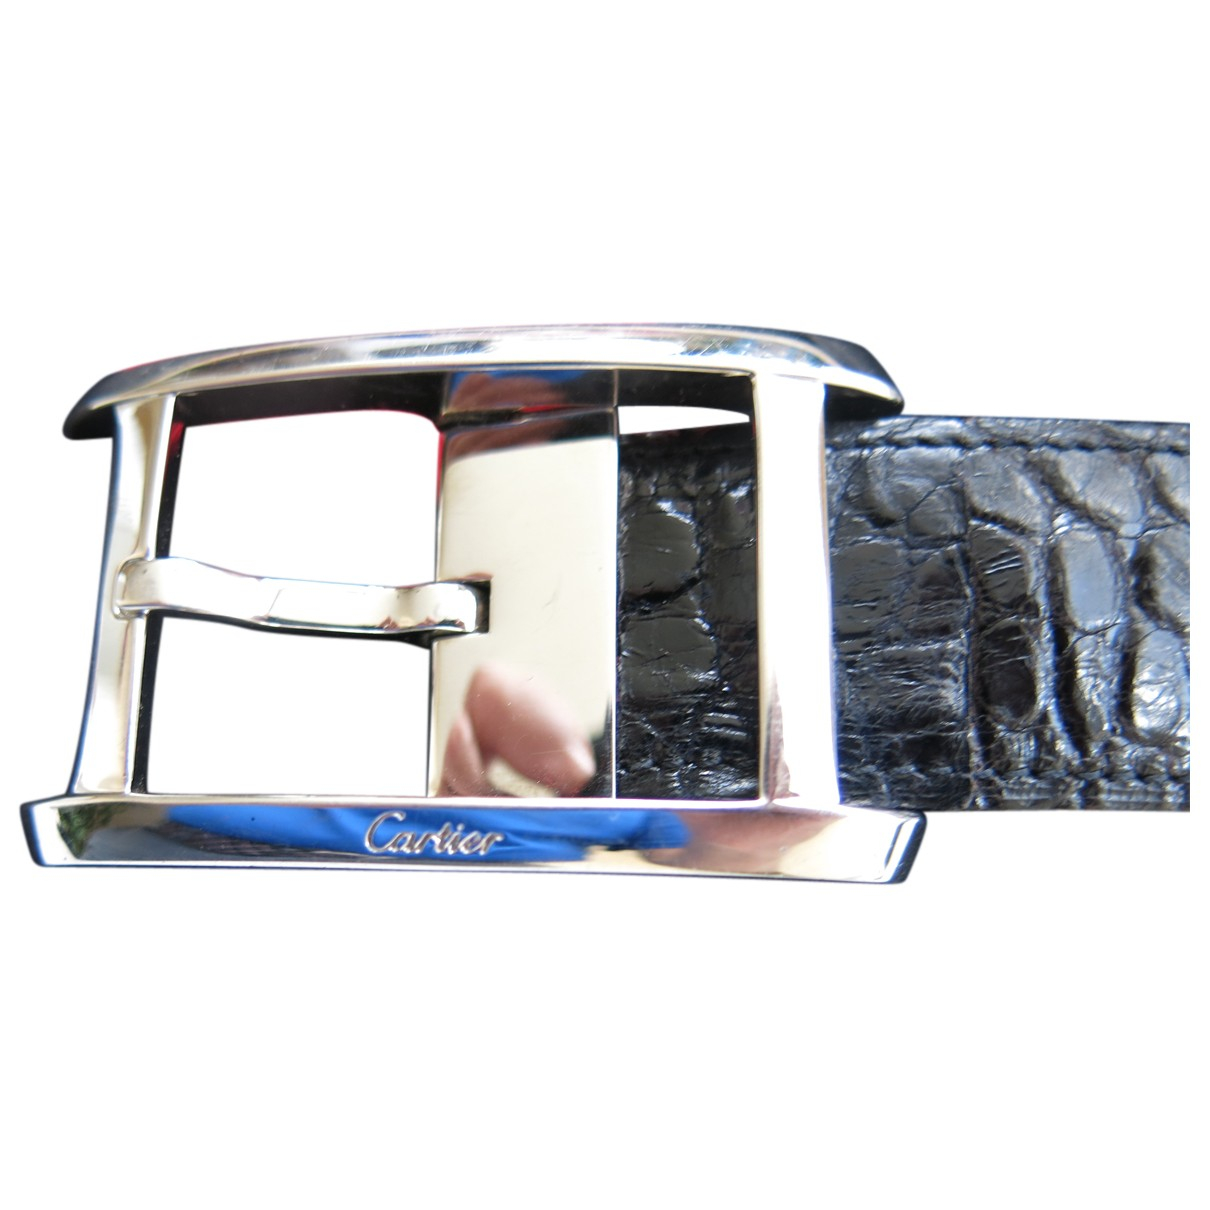 Cartier N Black Leather belt for Men XL international